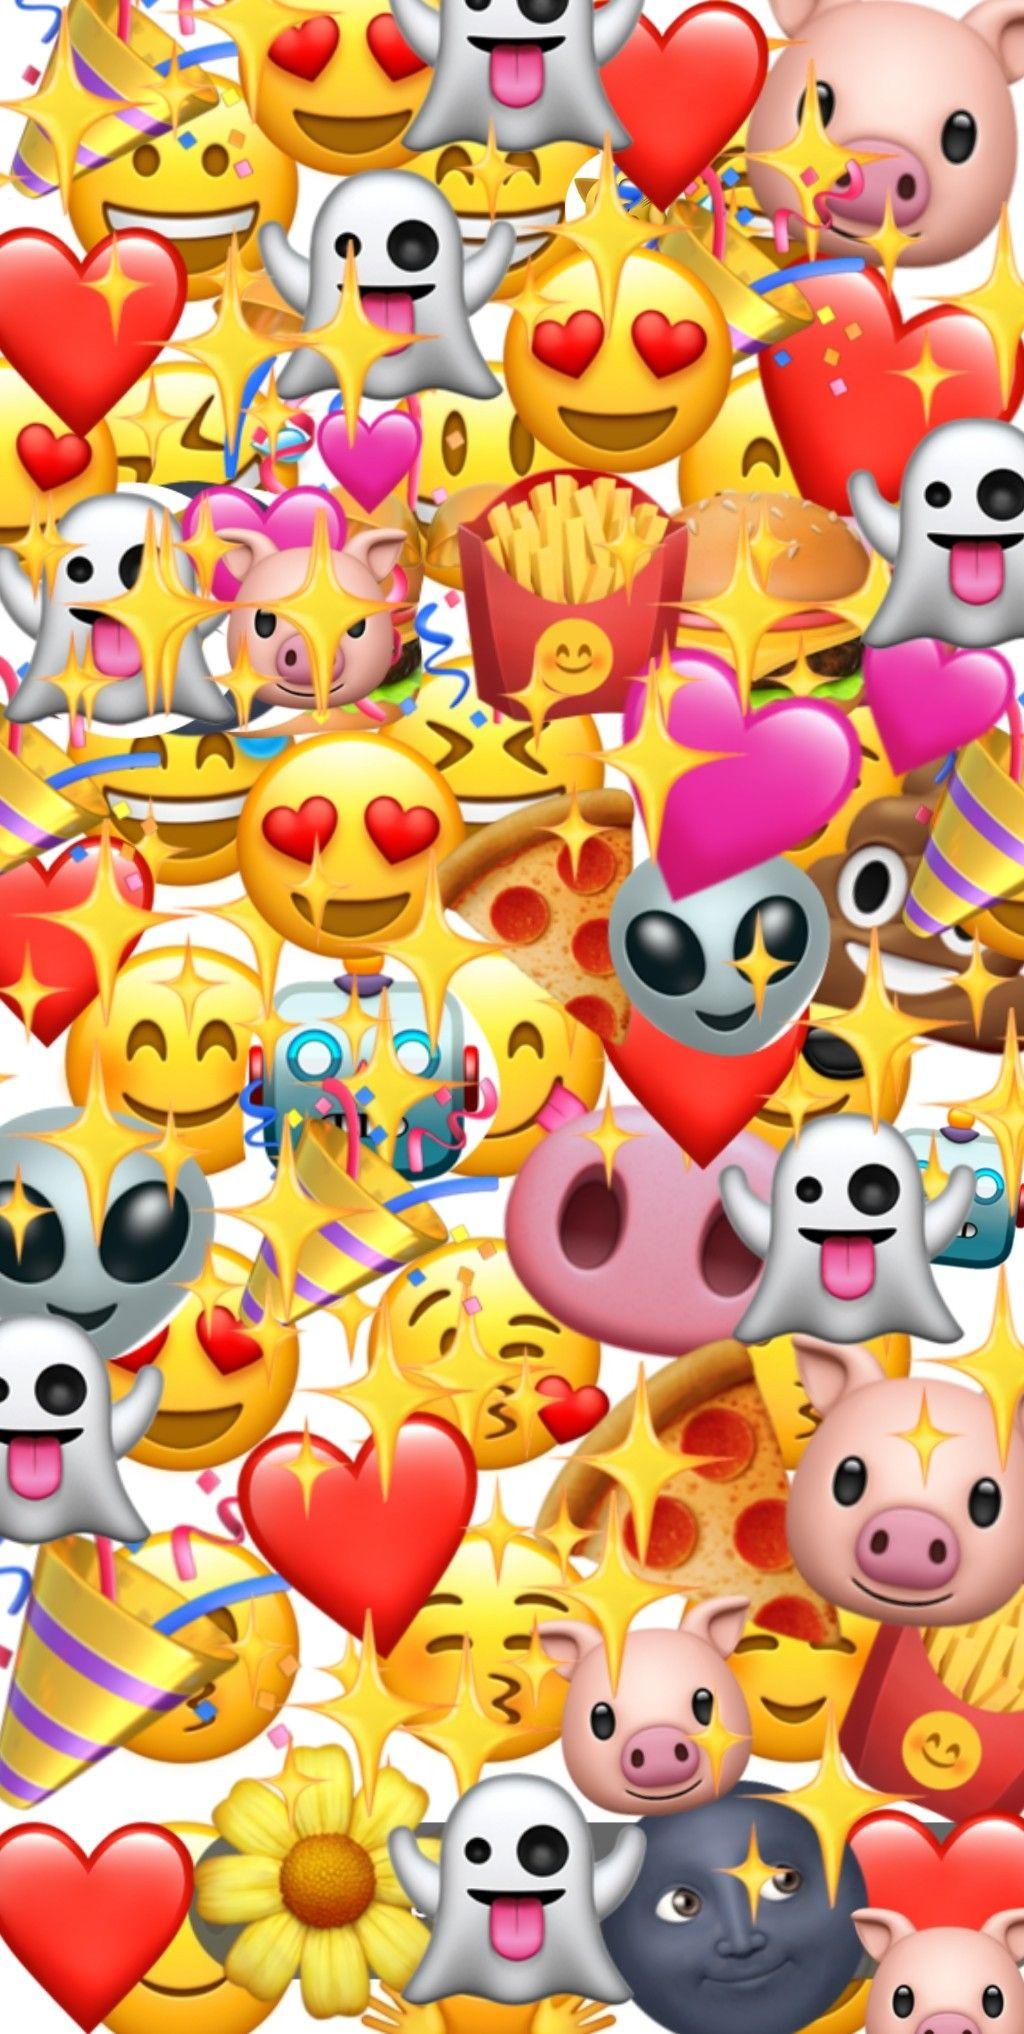 Fondo de emojis | Emoji wallpaper, Emoji backgrounds